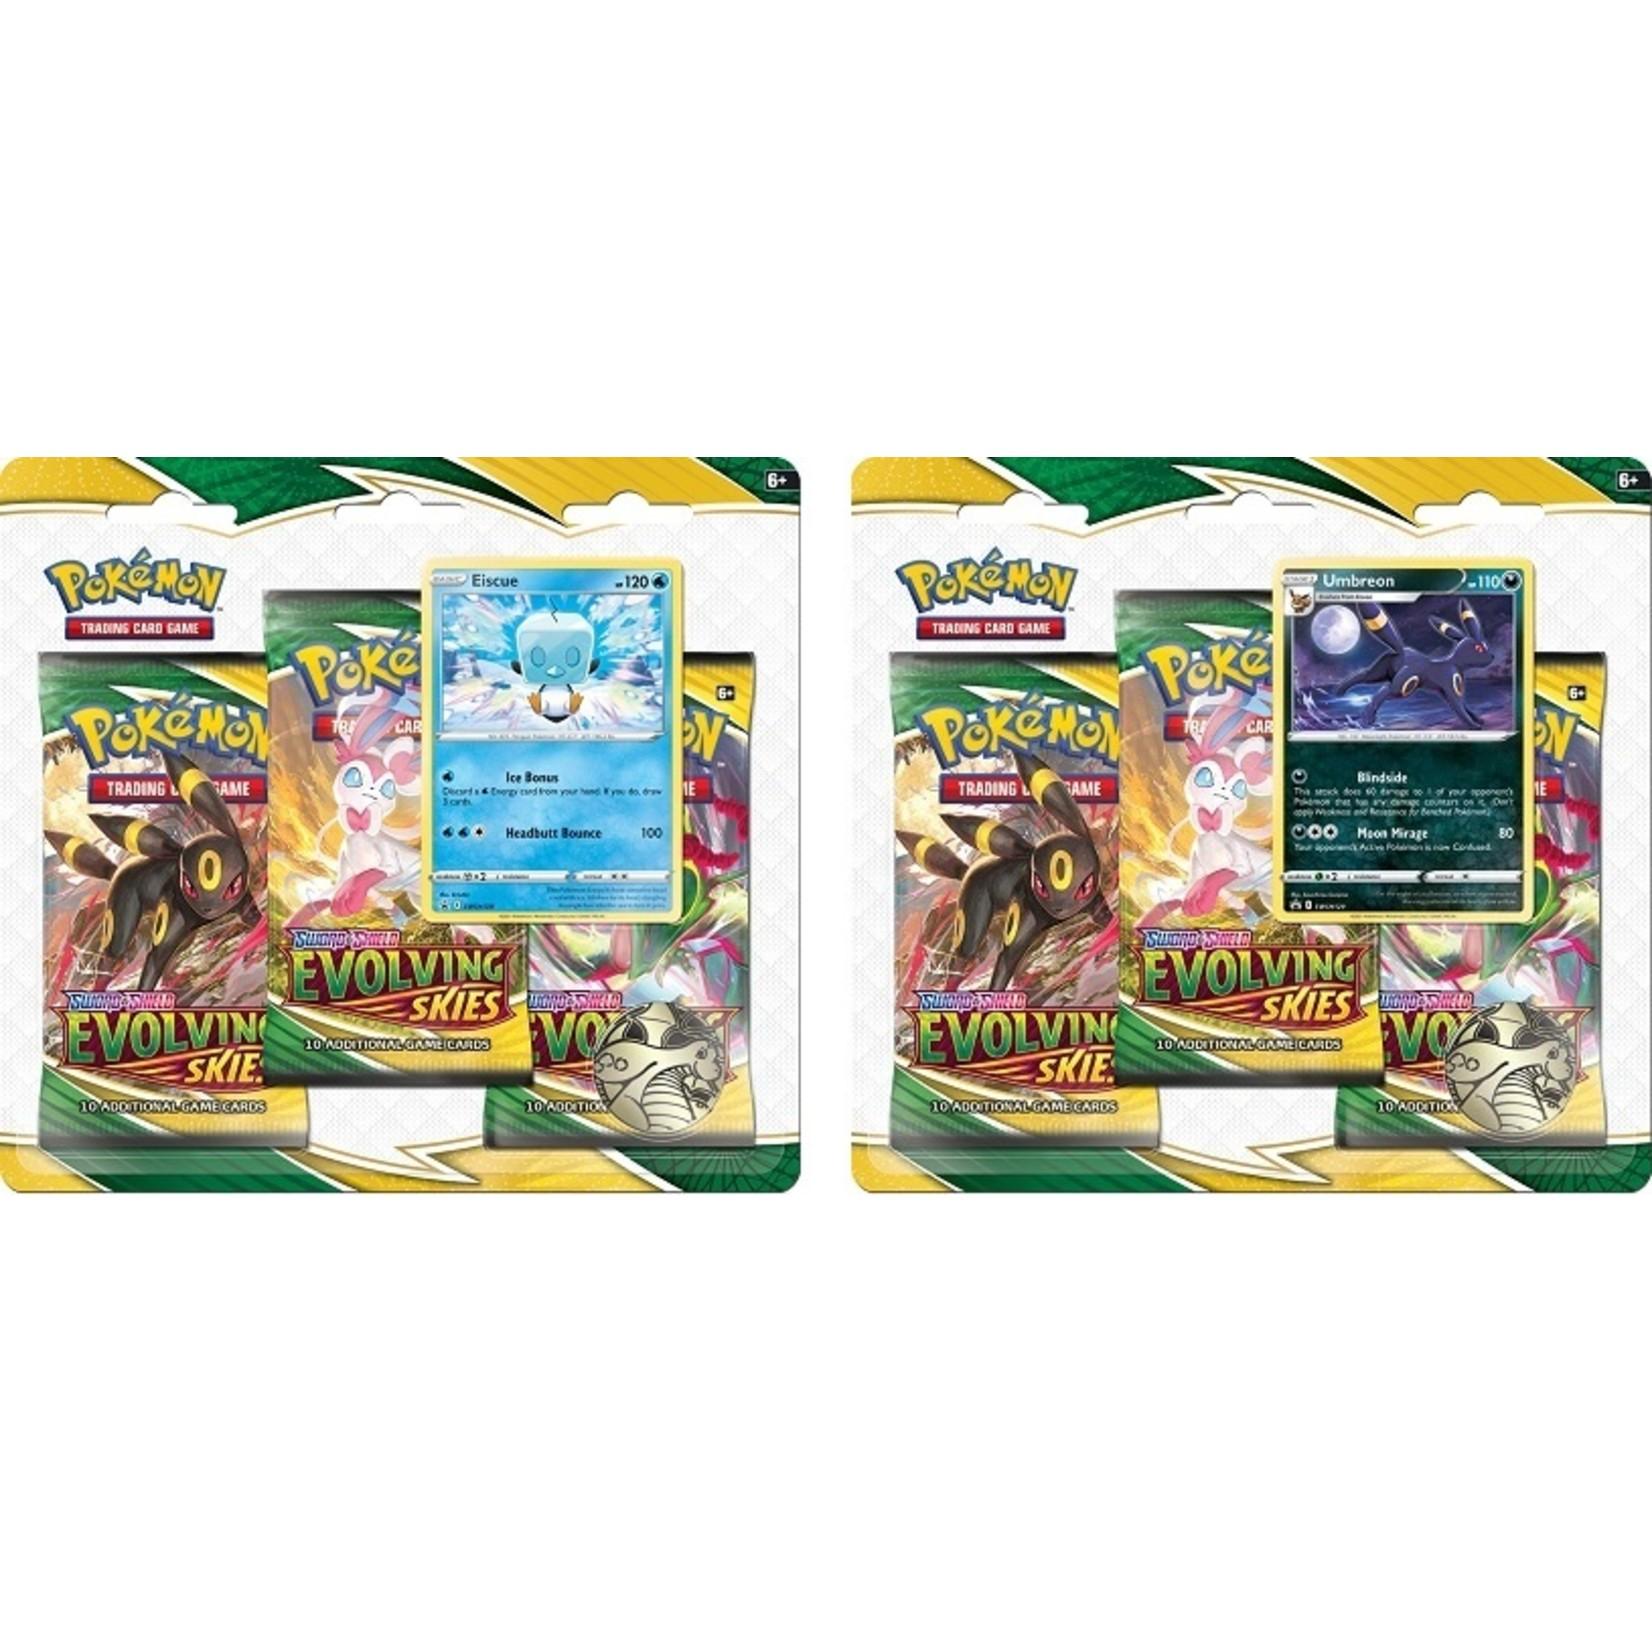 The Pokemon Company Evolving Skies 3-Pack Blister